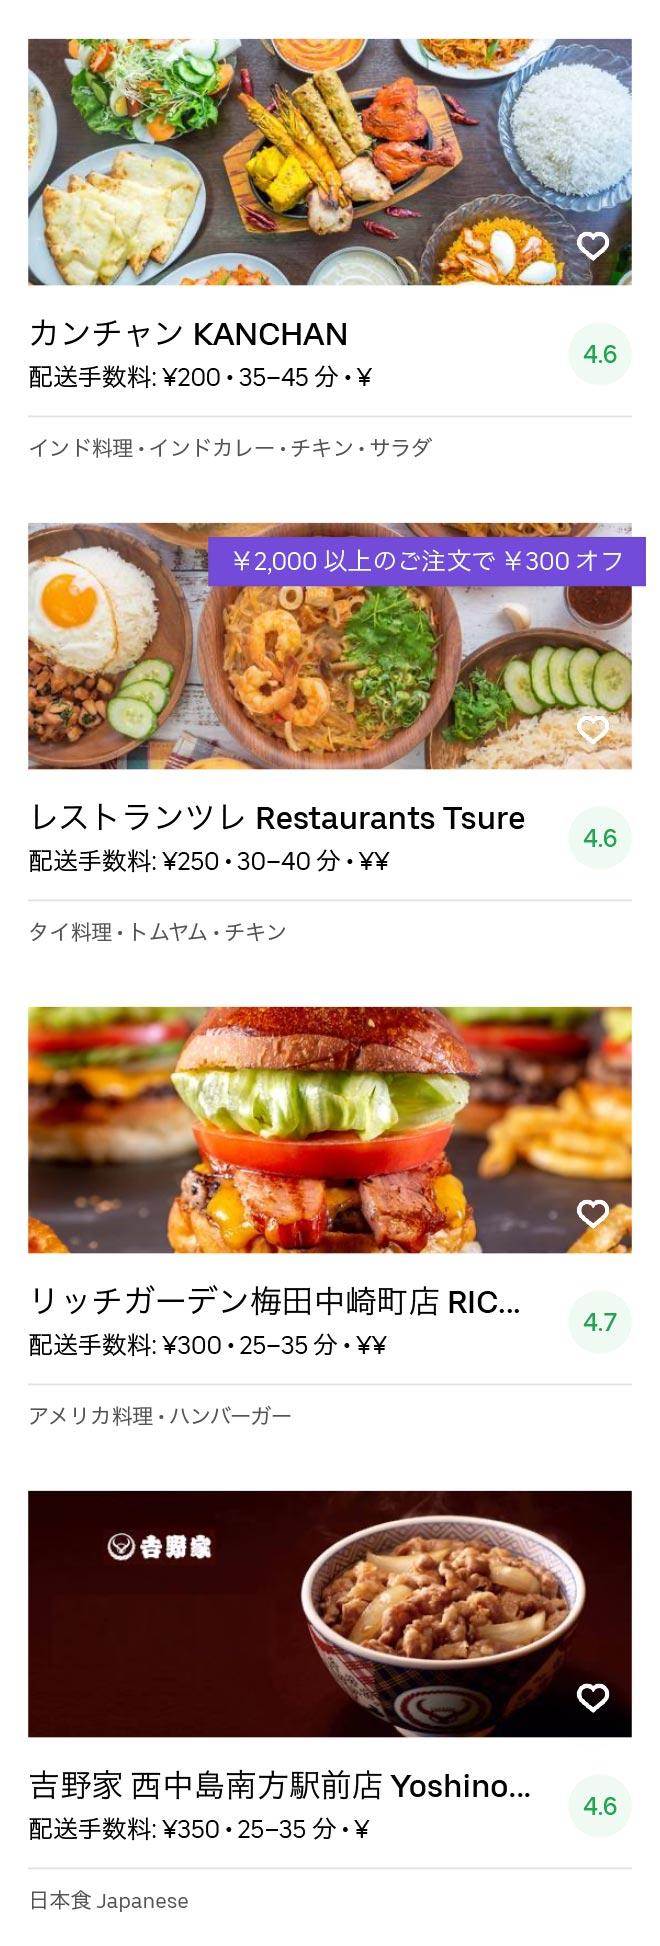 Toyonaka shounai menu 2005 06